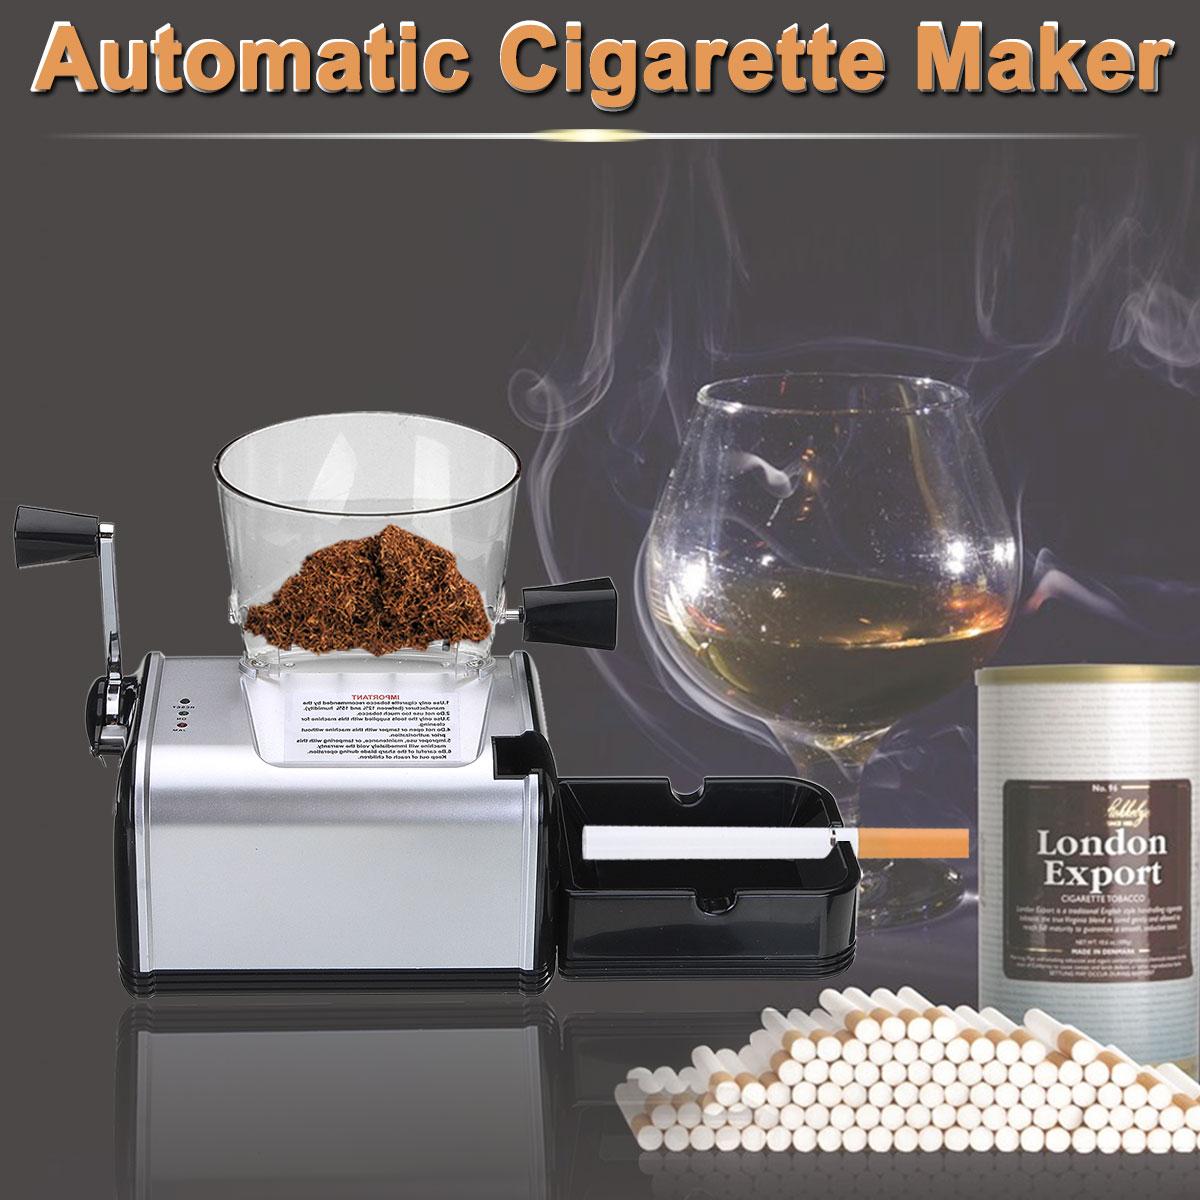 Di alta Qualità 220 v Elettrico Automatico Fare Rolling Macchina Sigaretta di Tabacco Roller Maker Iniettare 8mm Tubo di Fumo Portatile Strumento